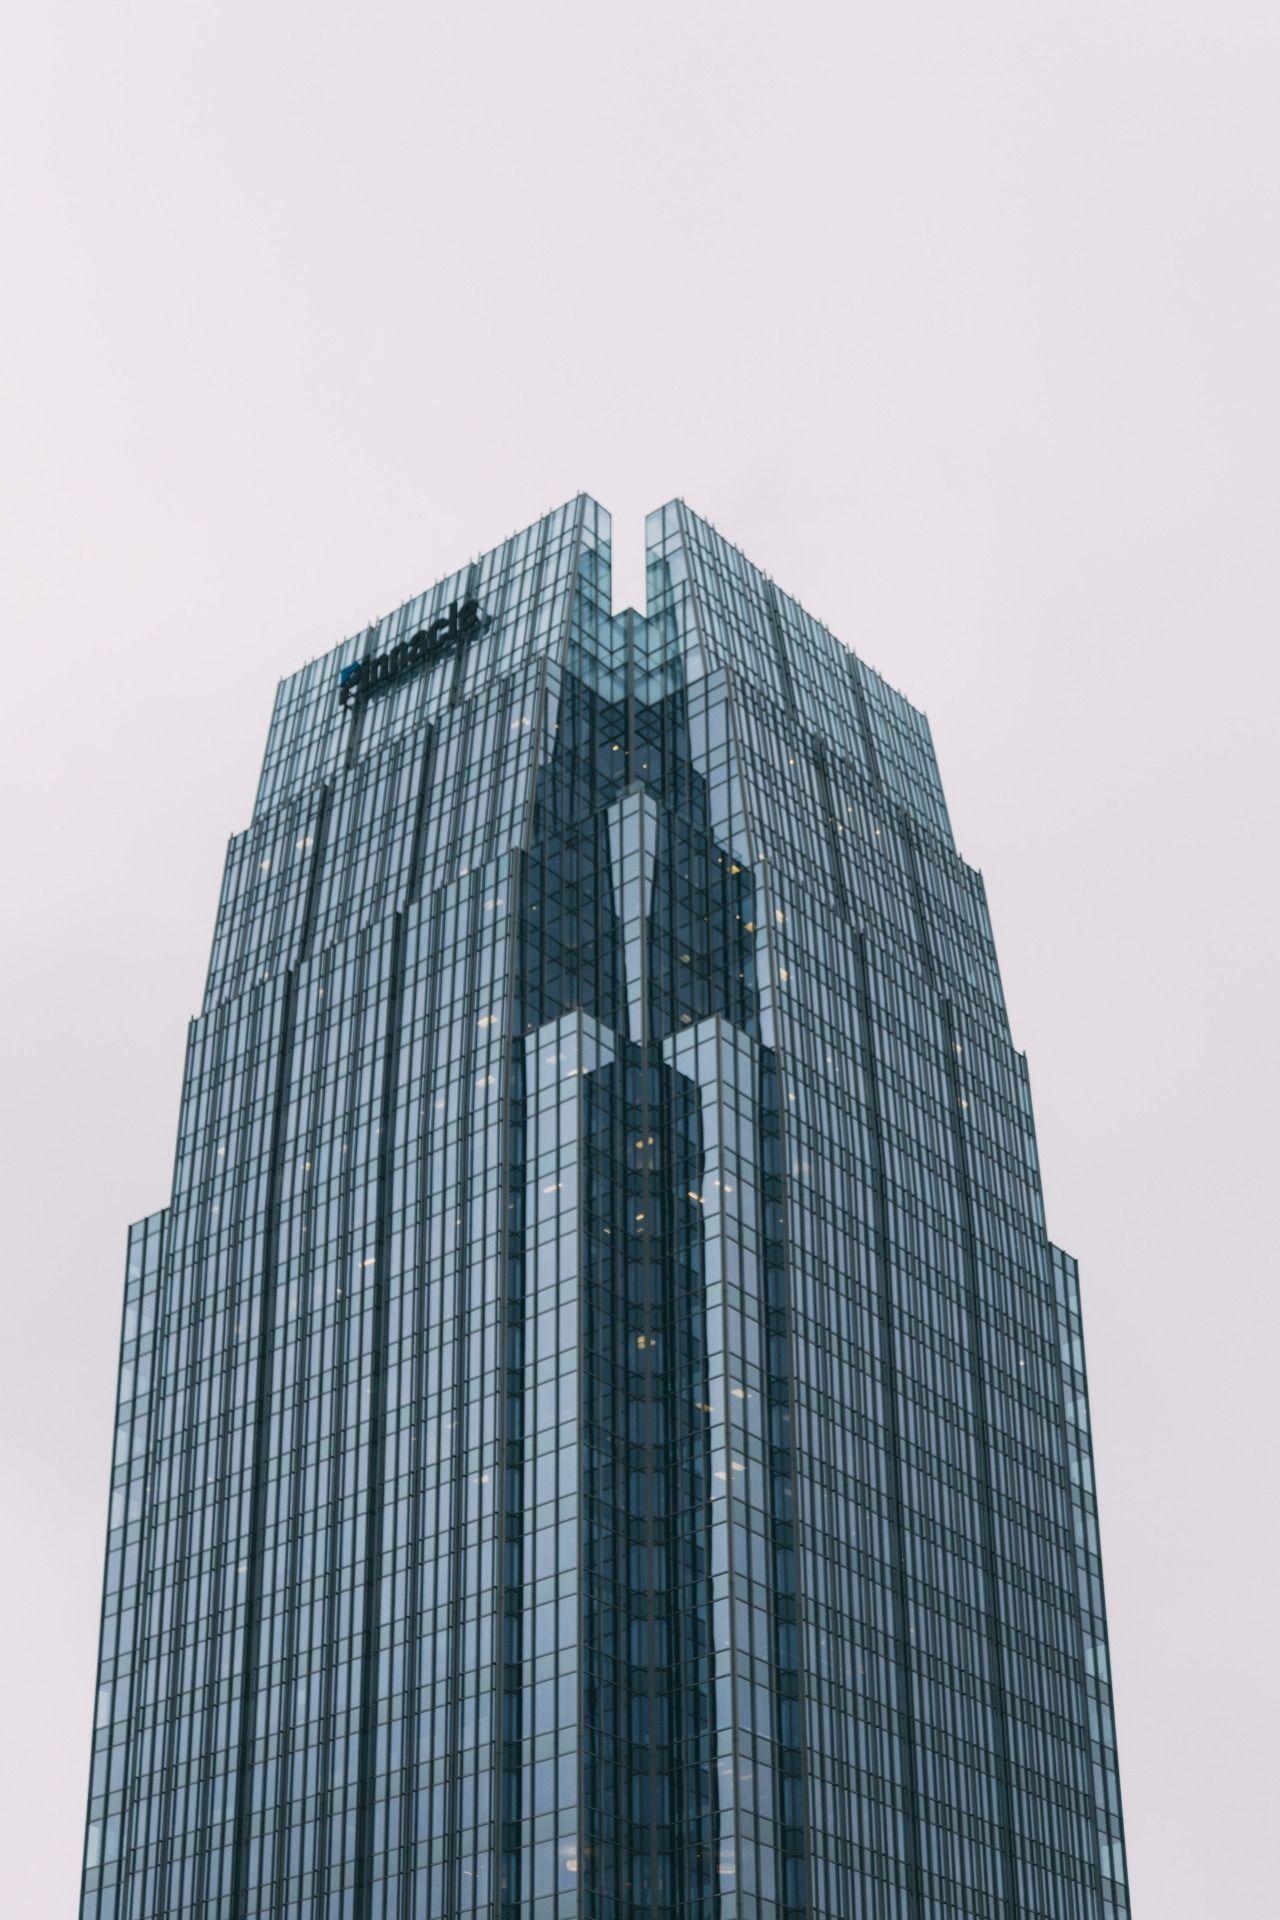 Silent skyscrapers Nashville TN Nashville